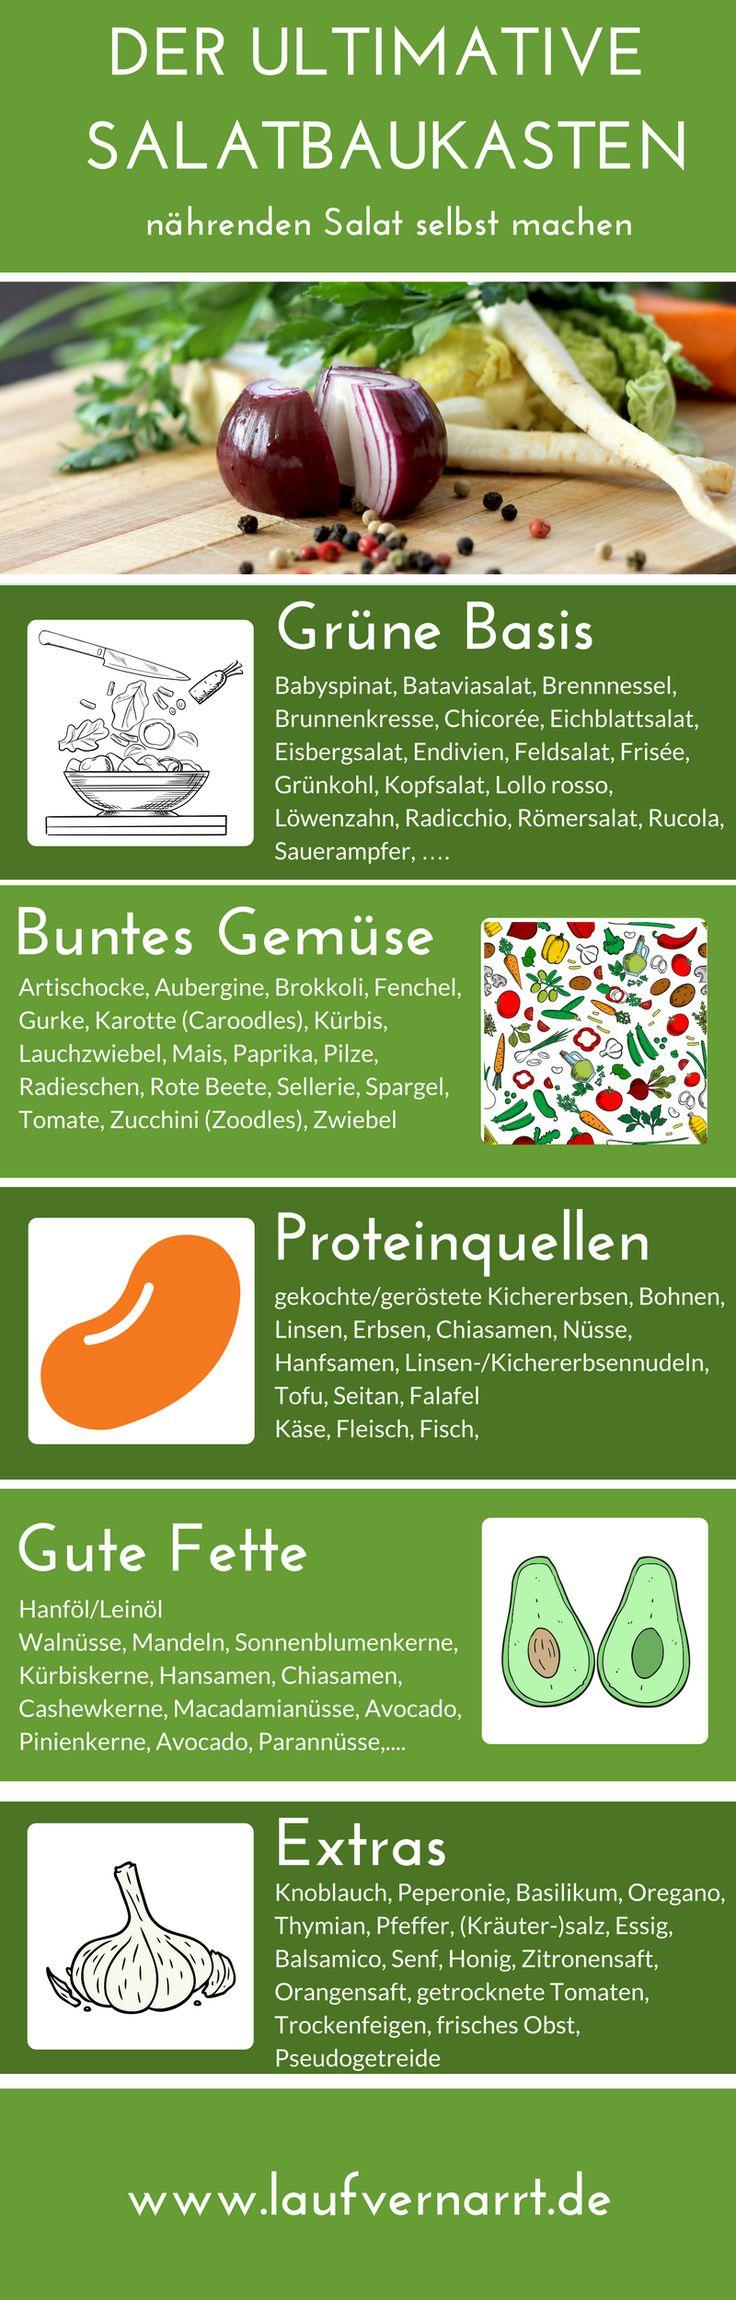 Alles, was du über Salat wissen solltest und wie du den ultimativen nährenden Salat herstellst, erfährst du im brandneuen Artikel auf www.laufvernarrt.de an Tag 16 der Ernährungsumstellung in 30 Tagen.